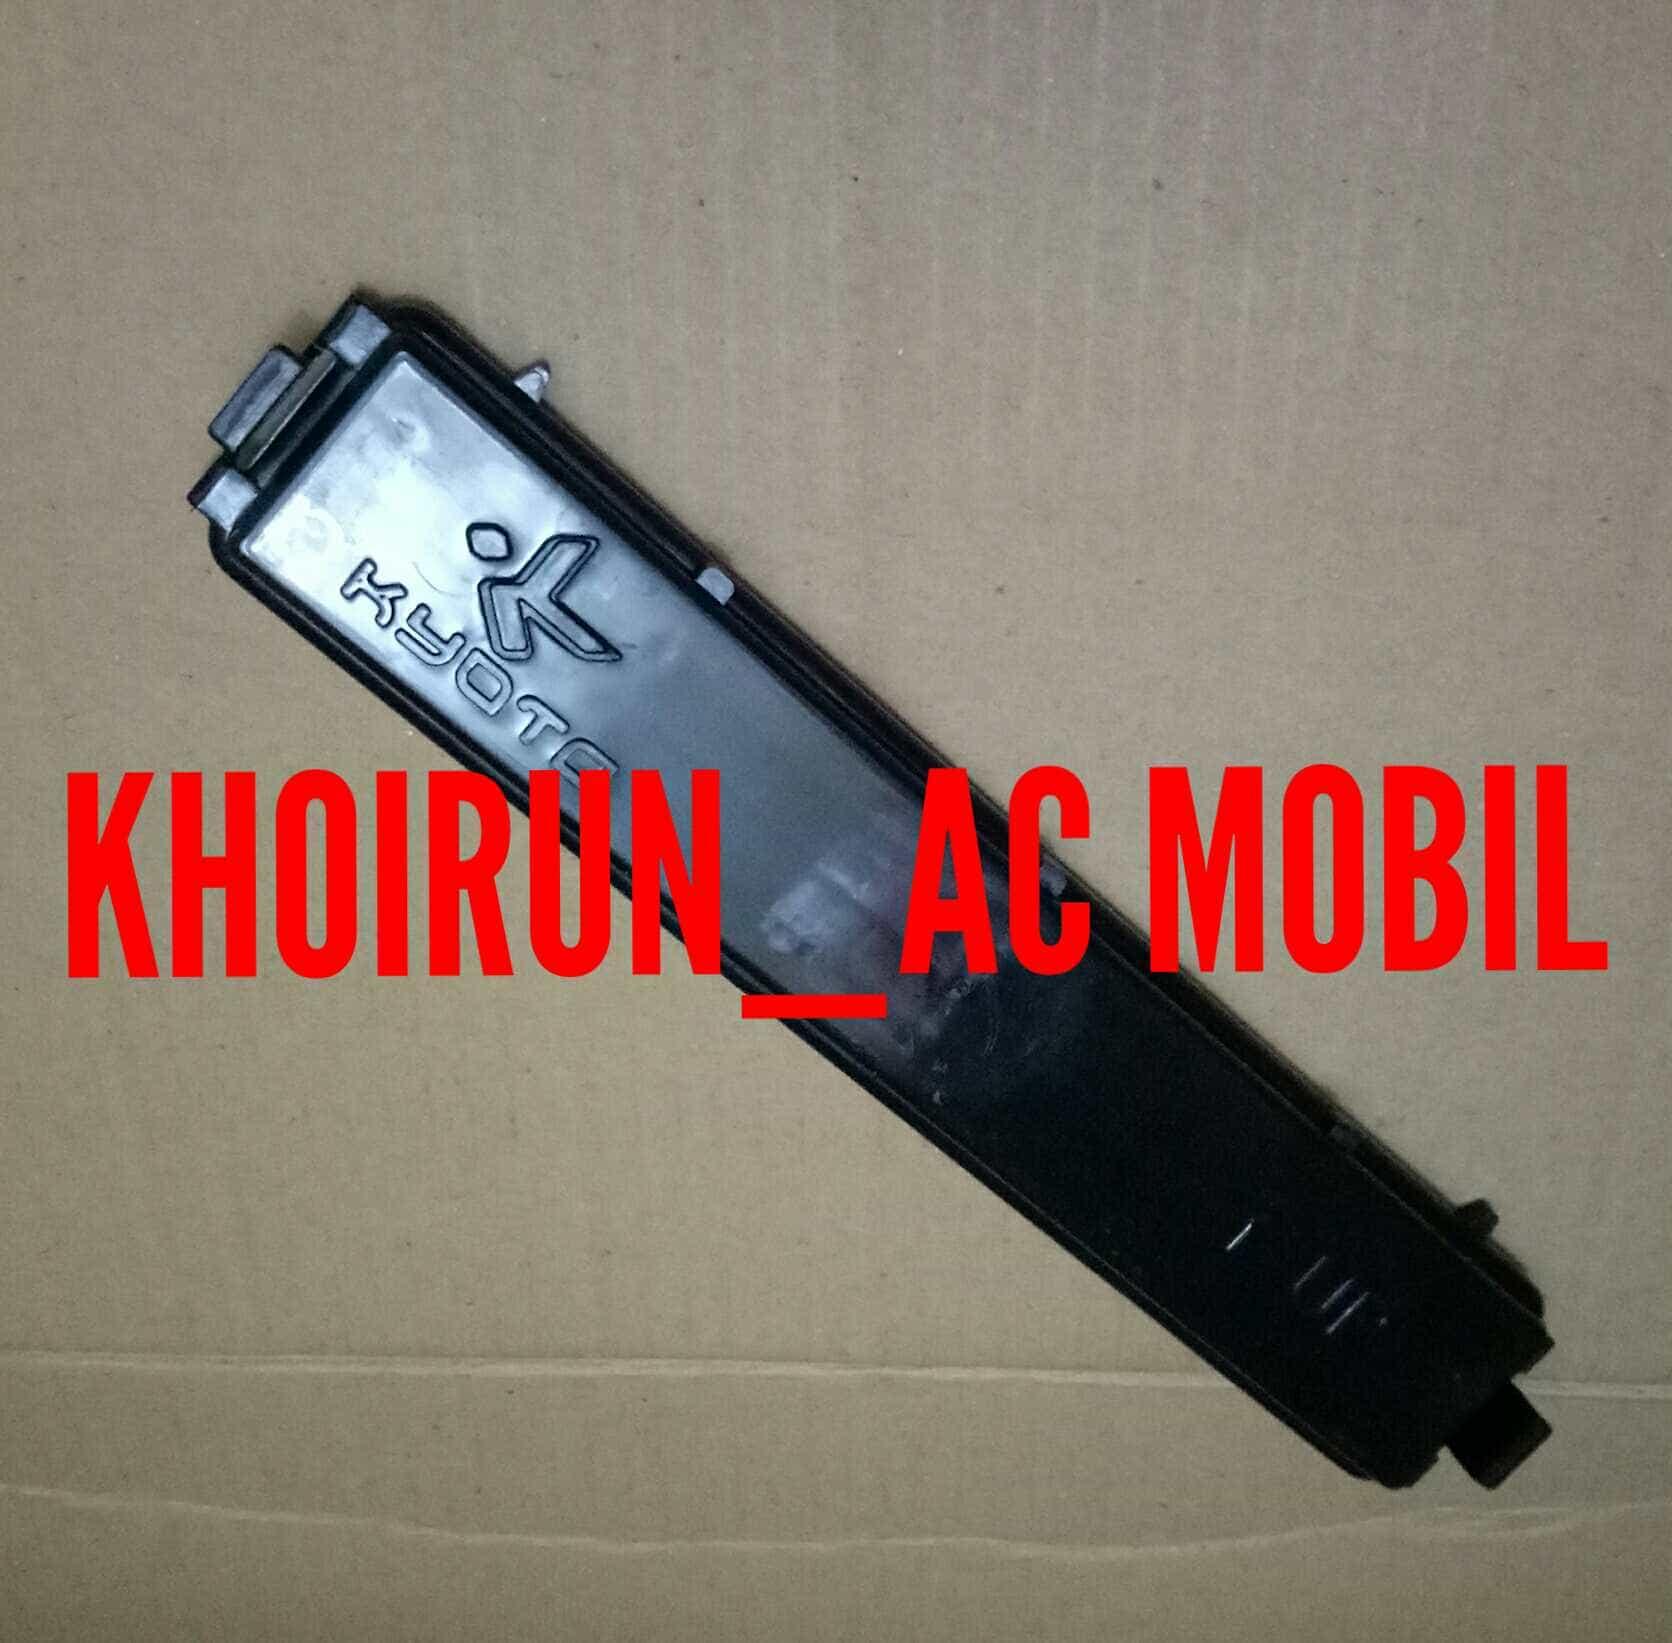 Kyoto Filter Kabin Honda Mobilio Carbon Daftar Harga Terkini Jual Tutup Cover Cabin Ac Mobil Brio Merk Khoirun